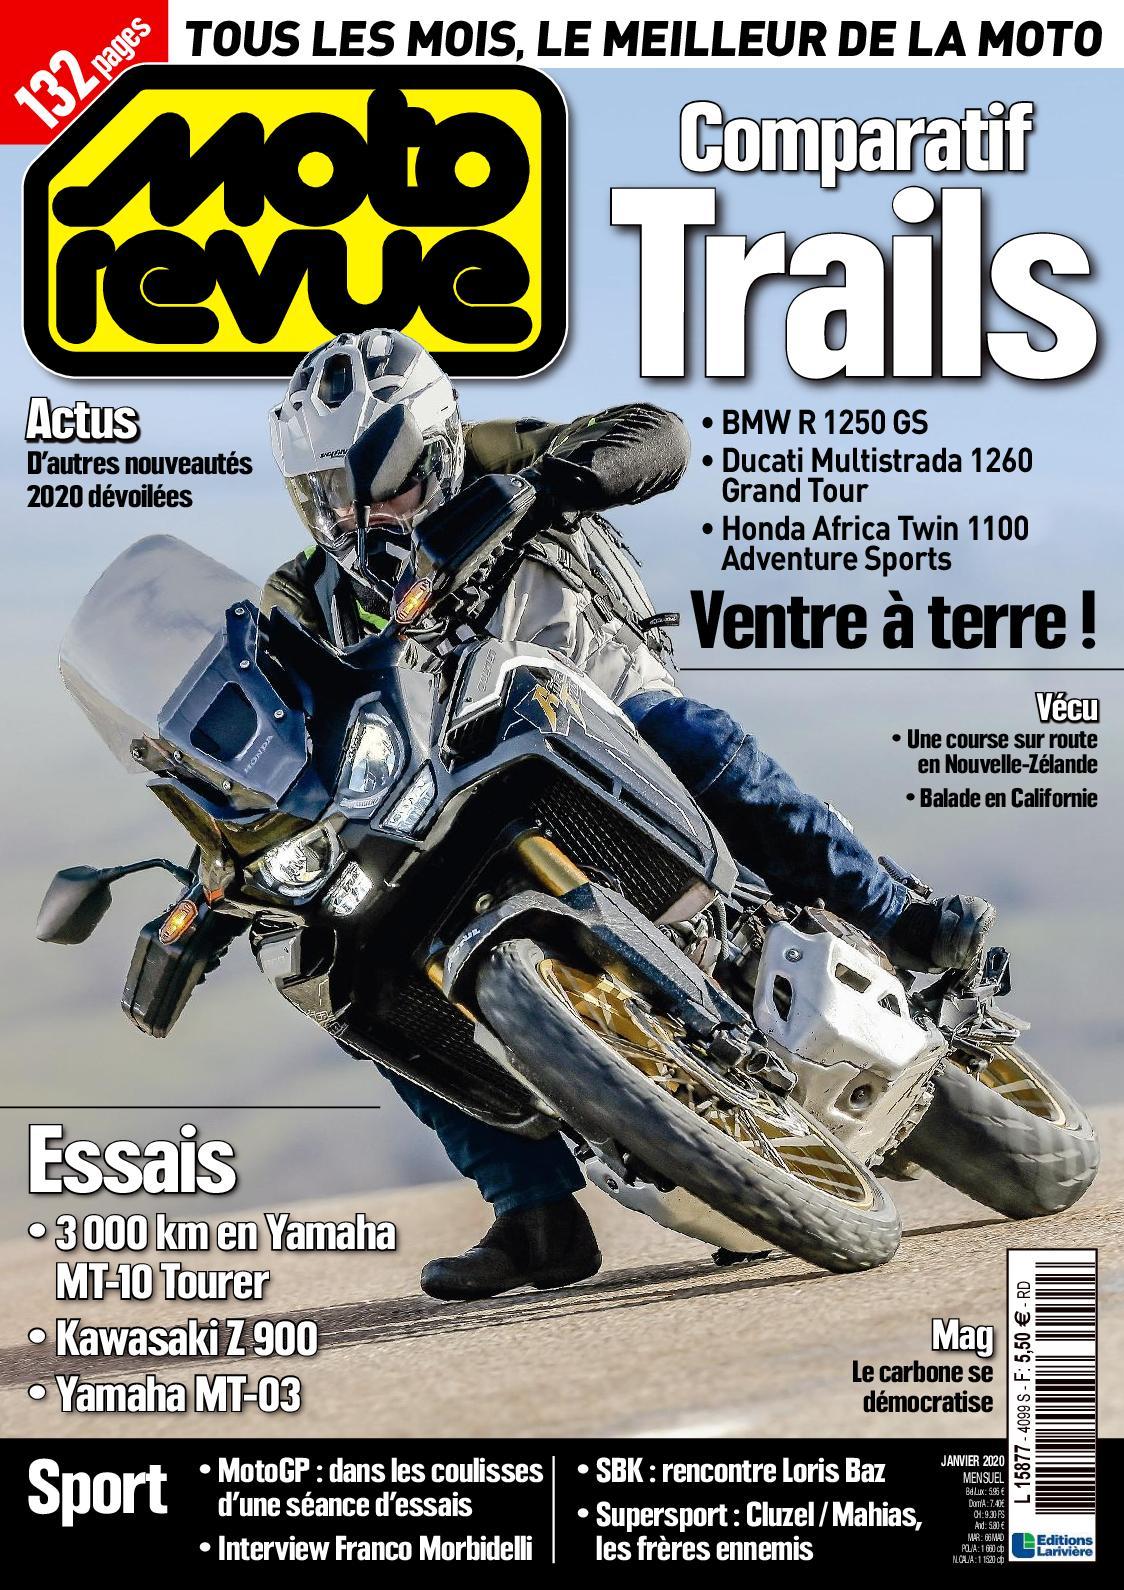 Accès gratuit au Magazine Moto Revue N°4099 et 4092 (Dématérialisé)